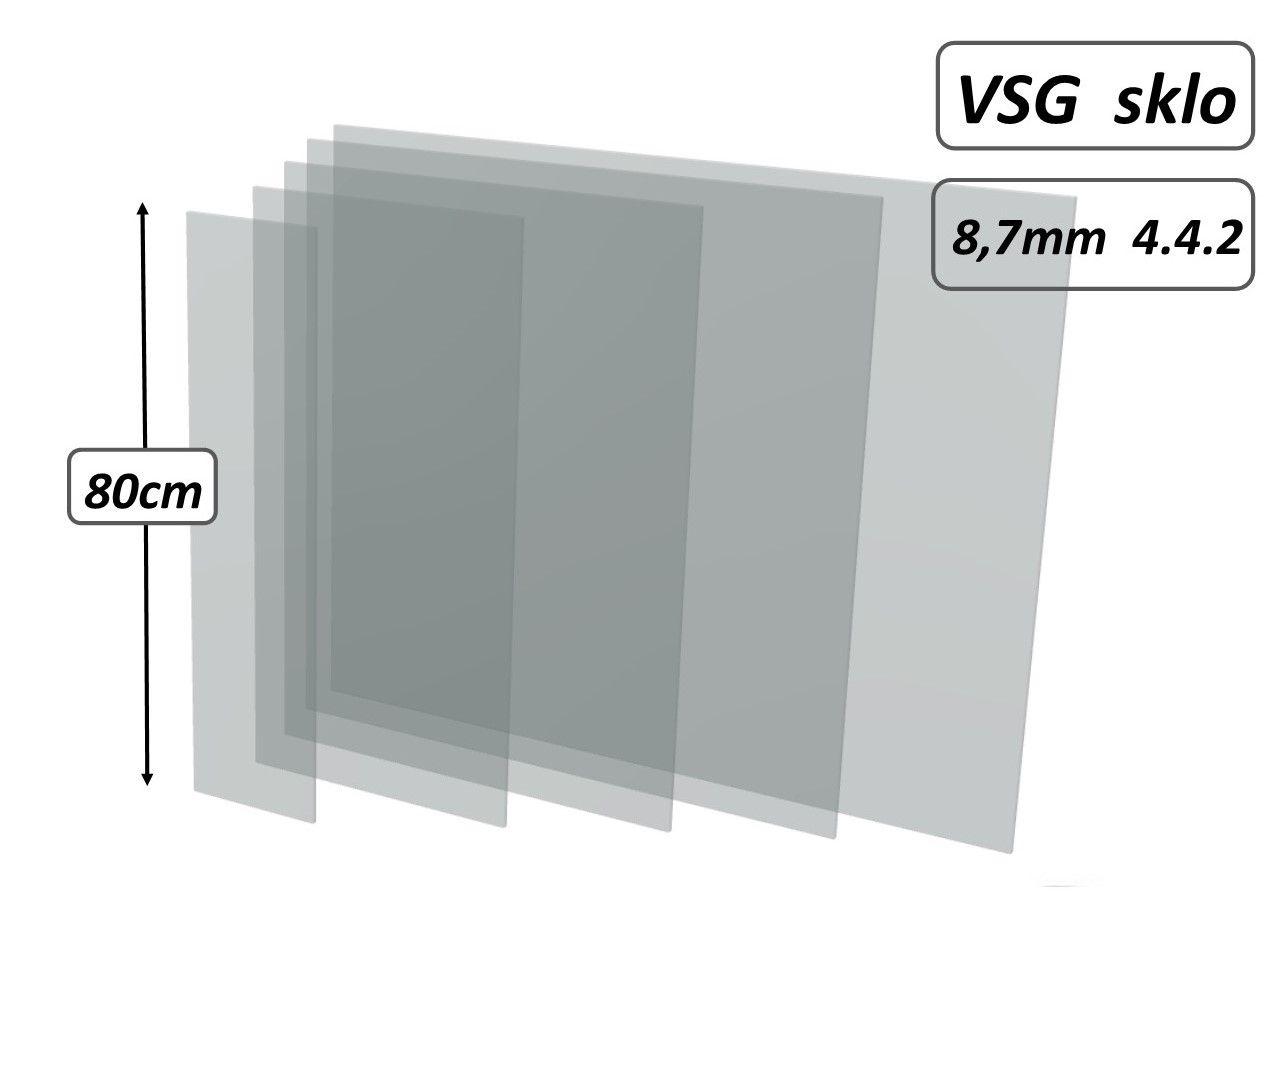 Skleněná výplň zábradlí- sklo lepené VSG 4.4.2